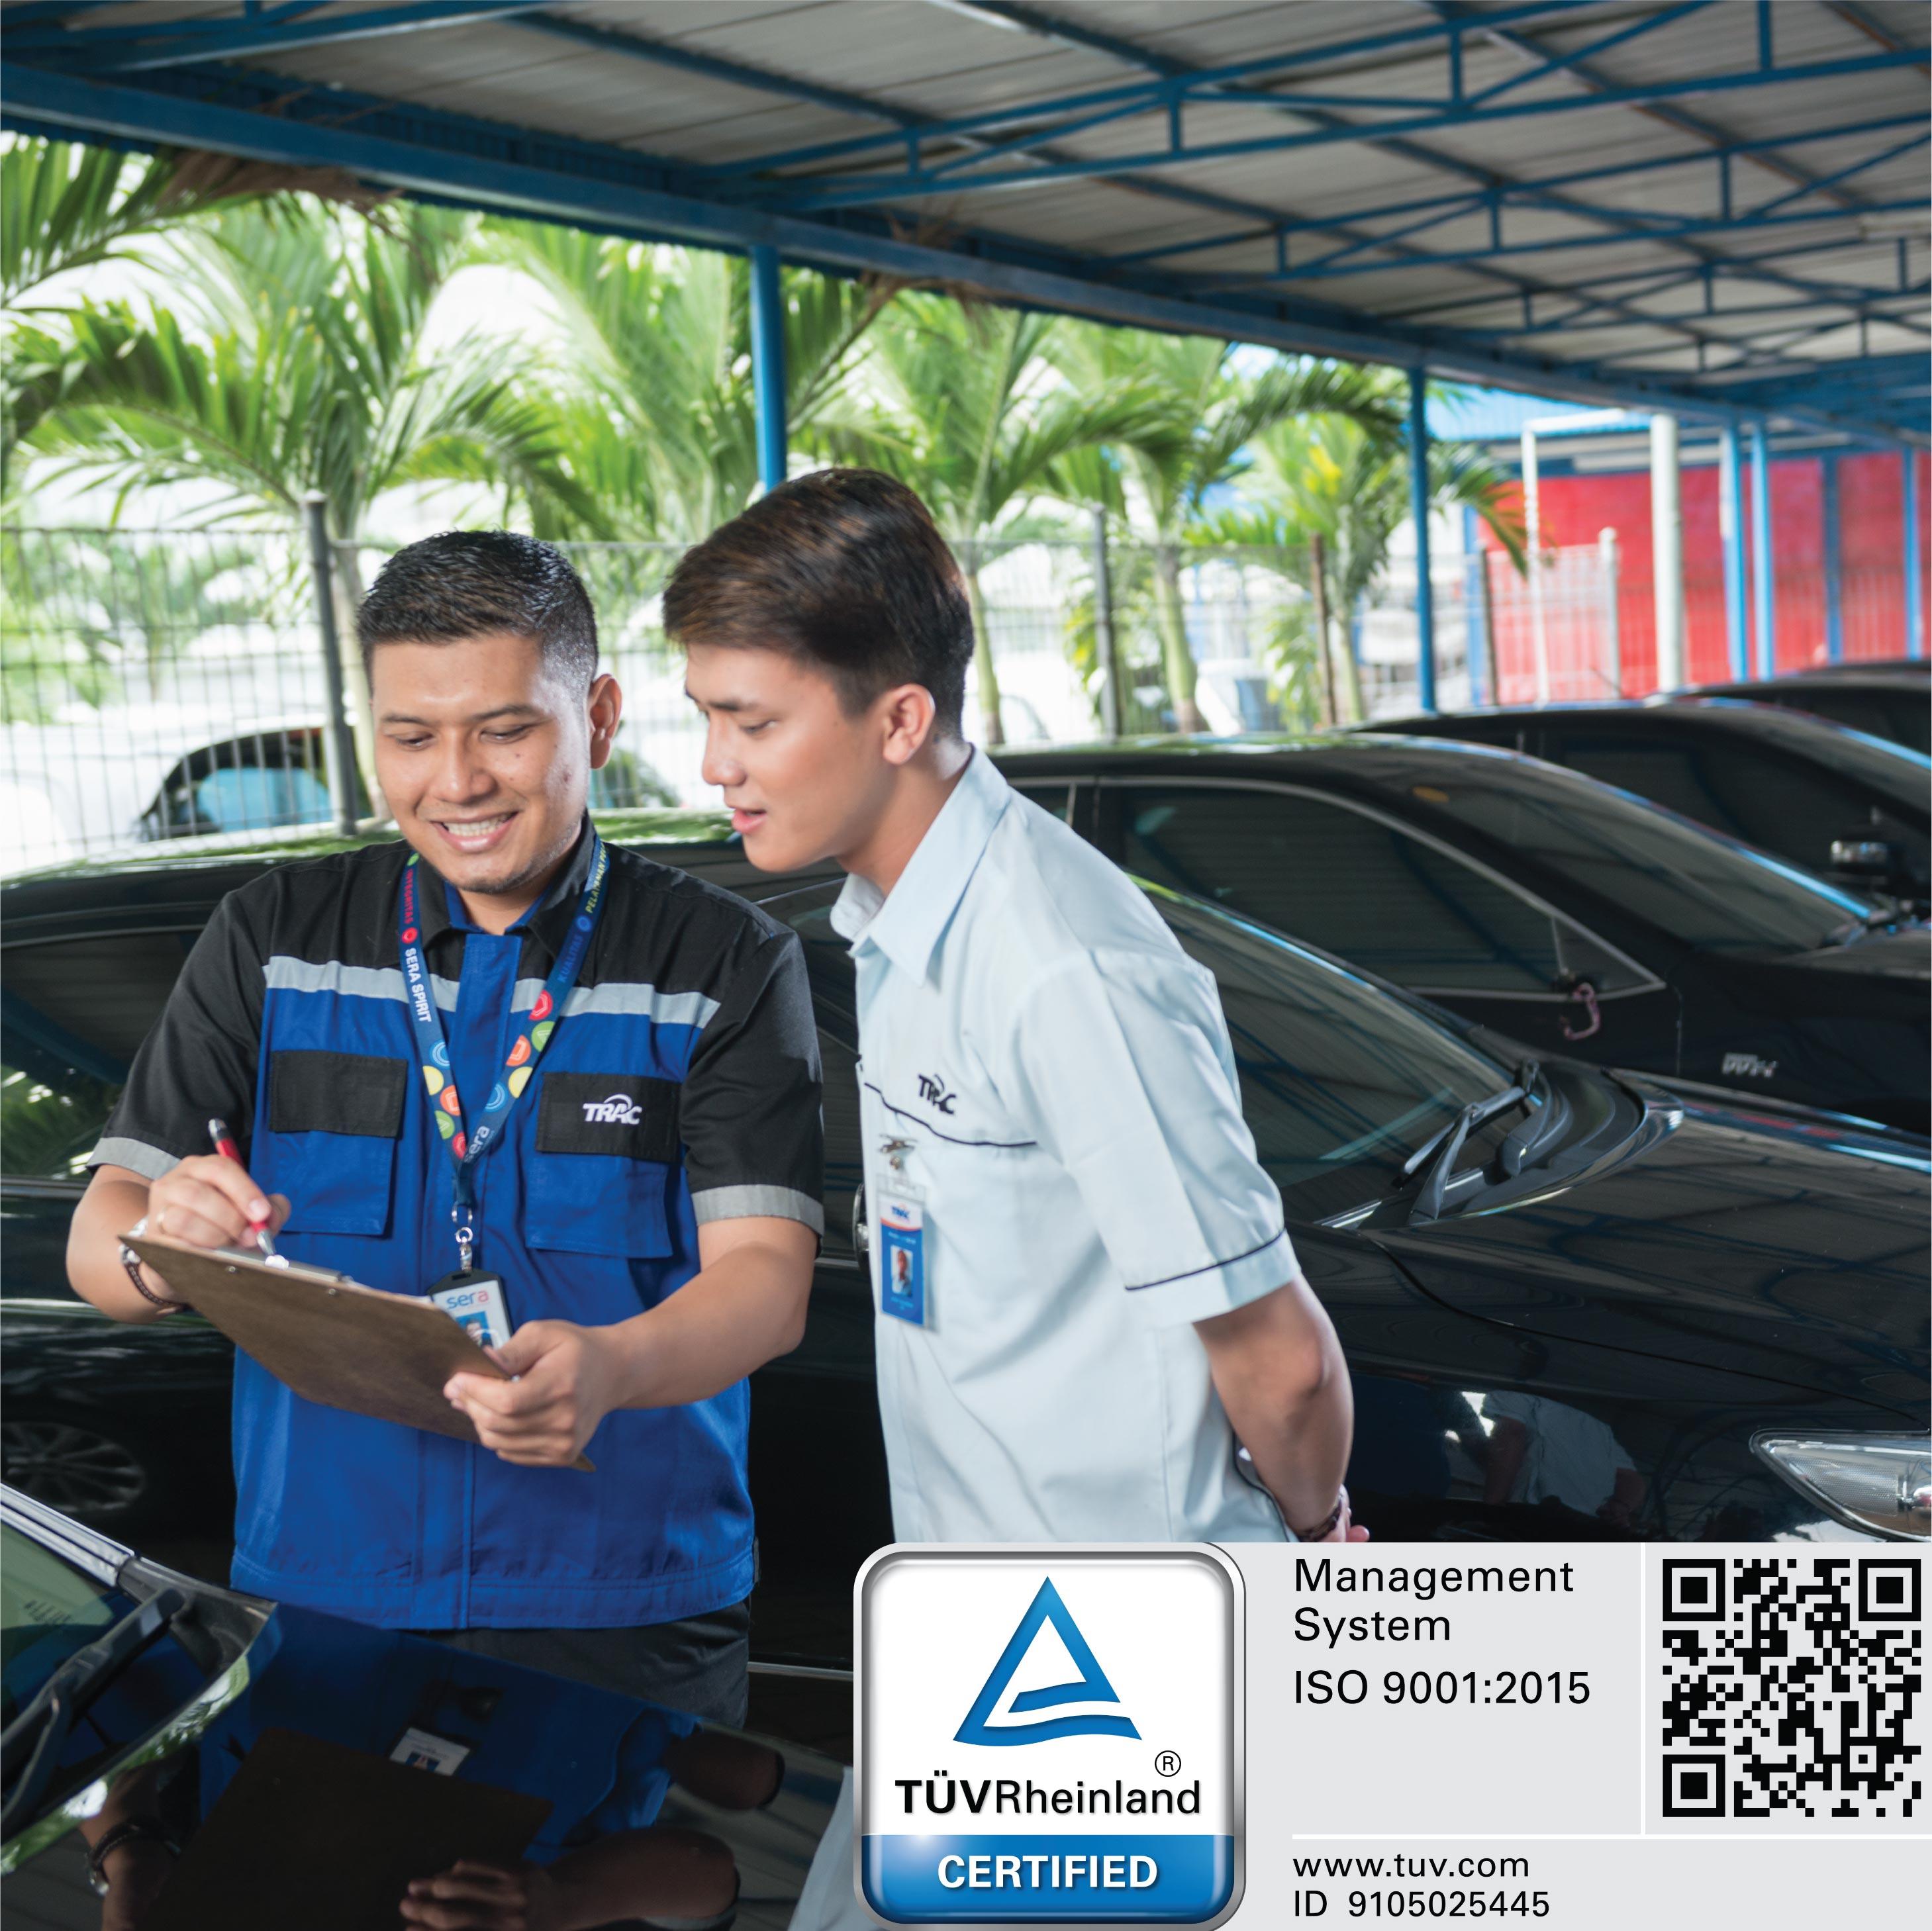 PT Serasi Autoraya Berhasil Mempertahankan Sertifikat ISO 9001:2015